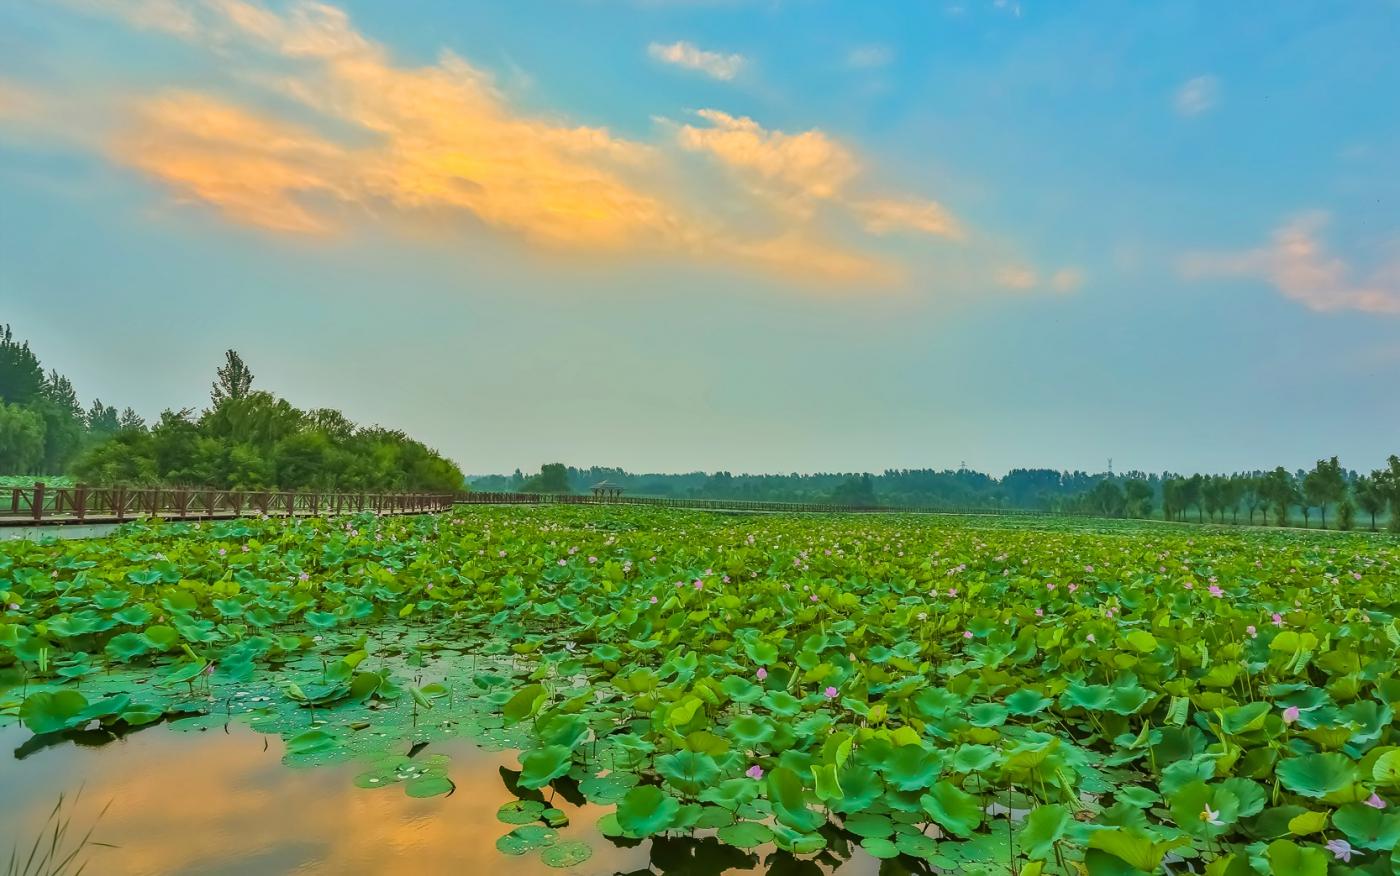 早晨的祥云印照下的临沂黄山武河湿地红荷园_图1-4